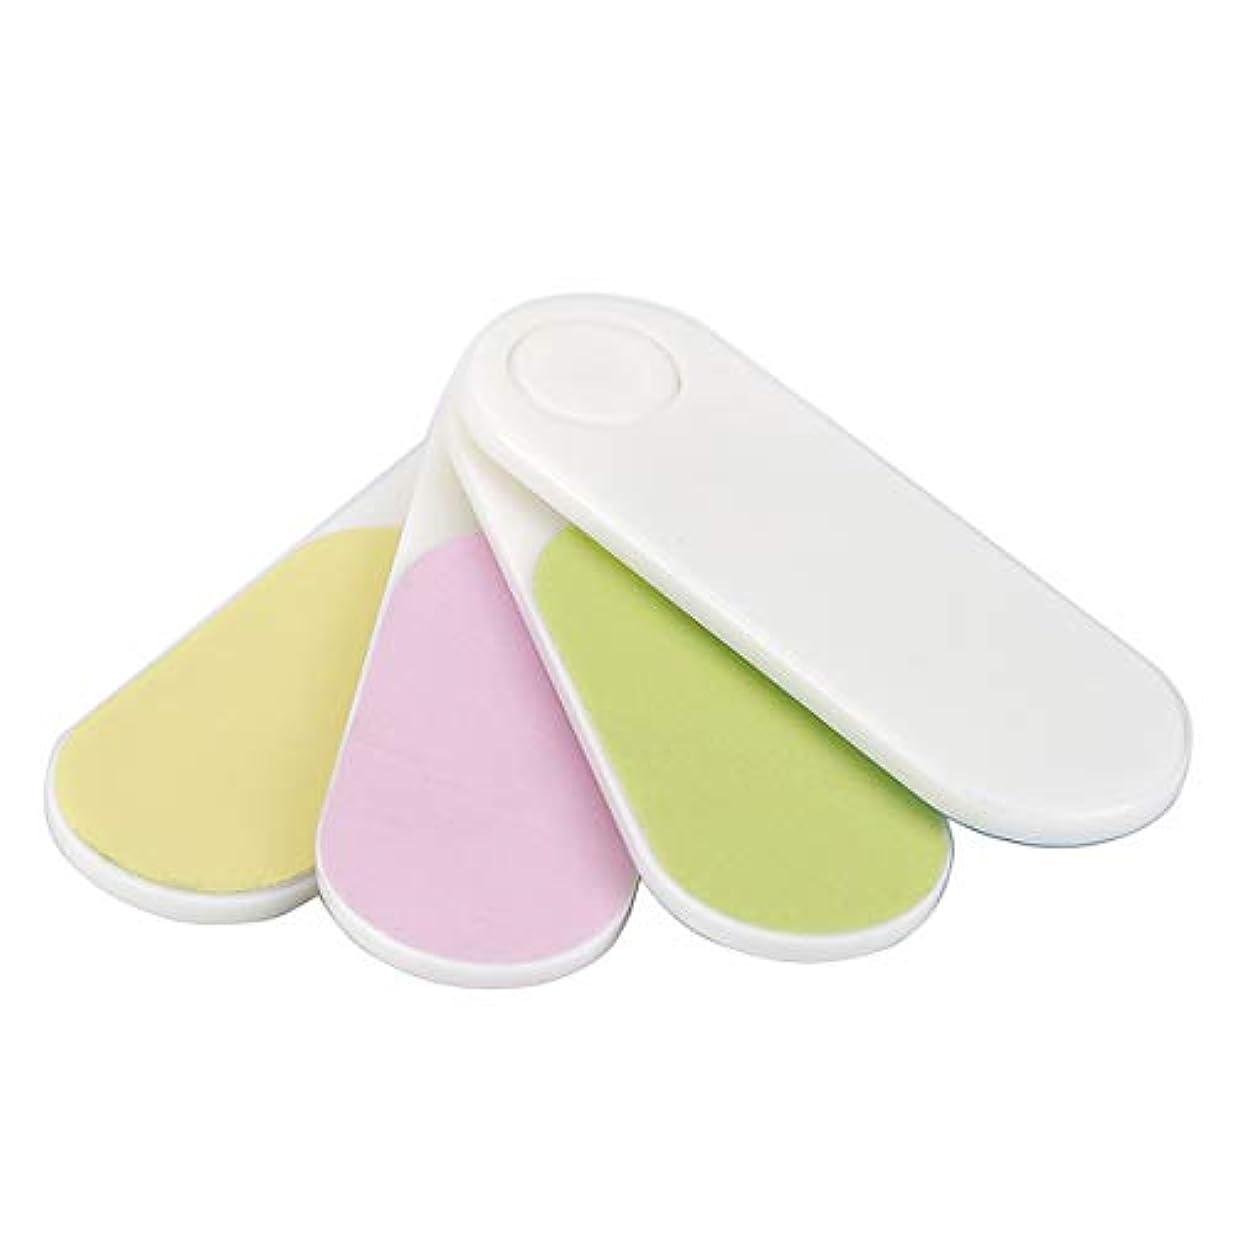 手段反対に委託Yoshilimen 優れた品質携帯用のミニファン形のネイルバッファスムーズな便利な旅行ホーム釘芸術ツール(None Color random)